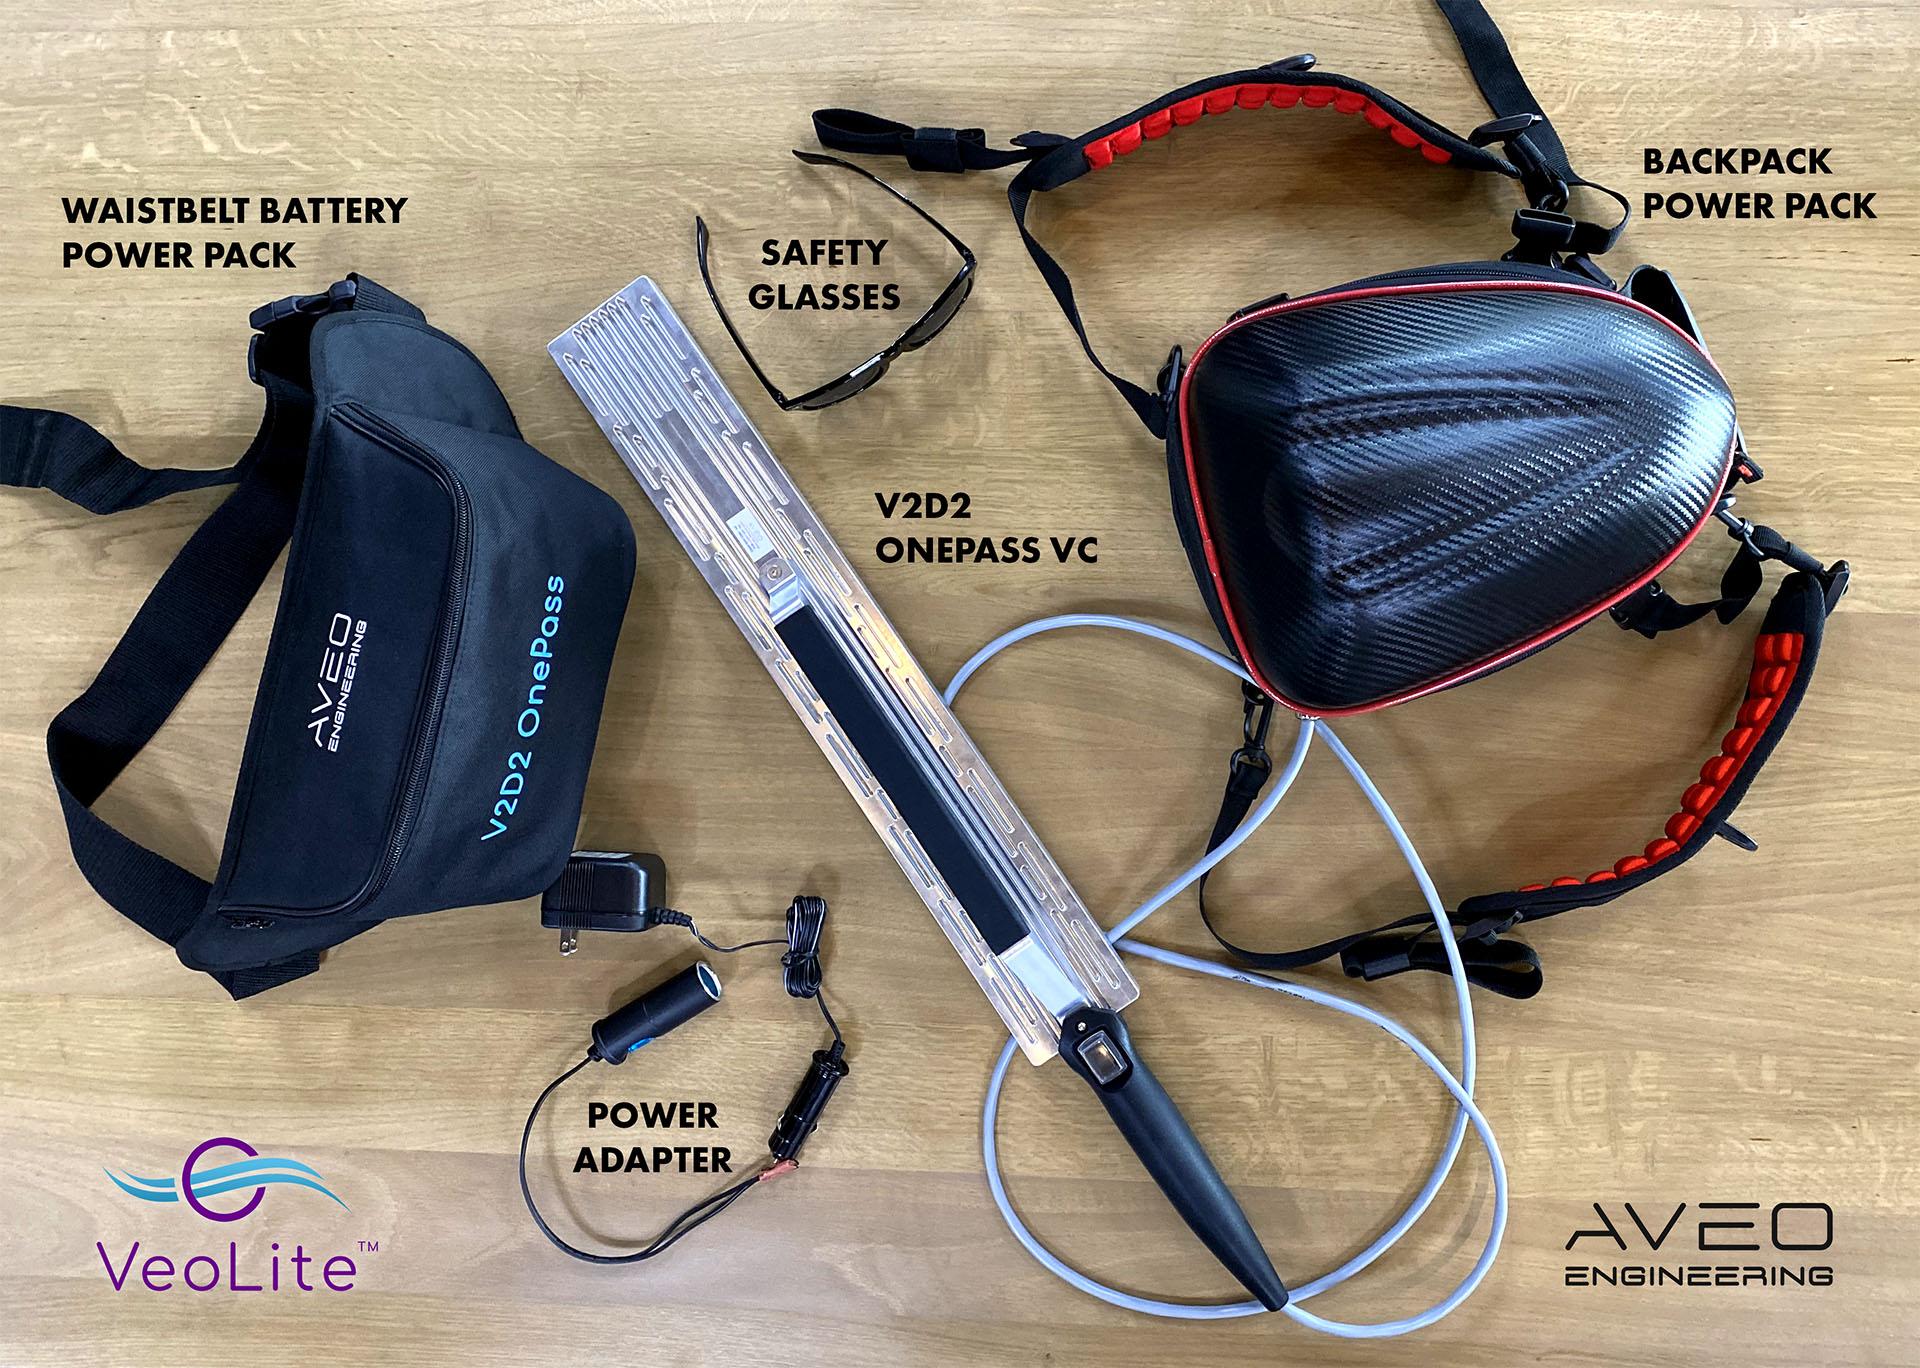 V2D2 Accessories